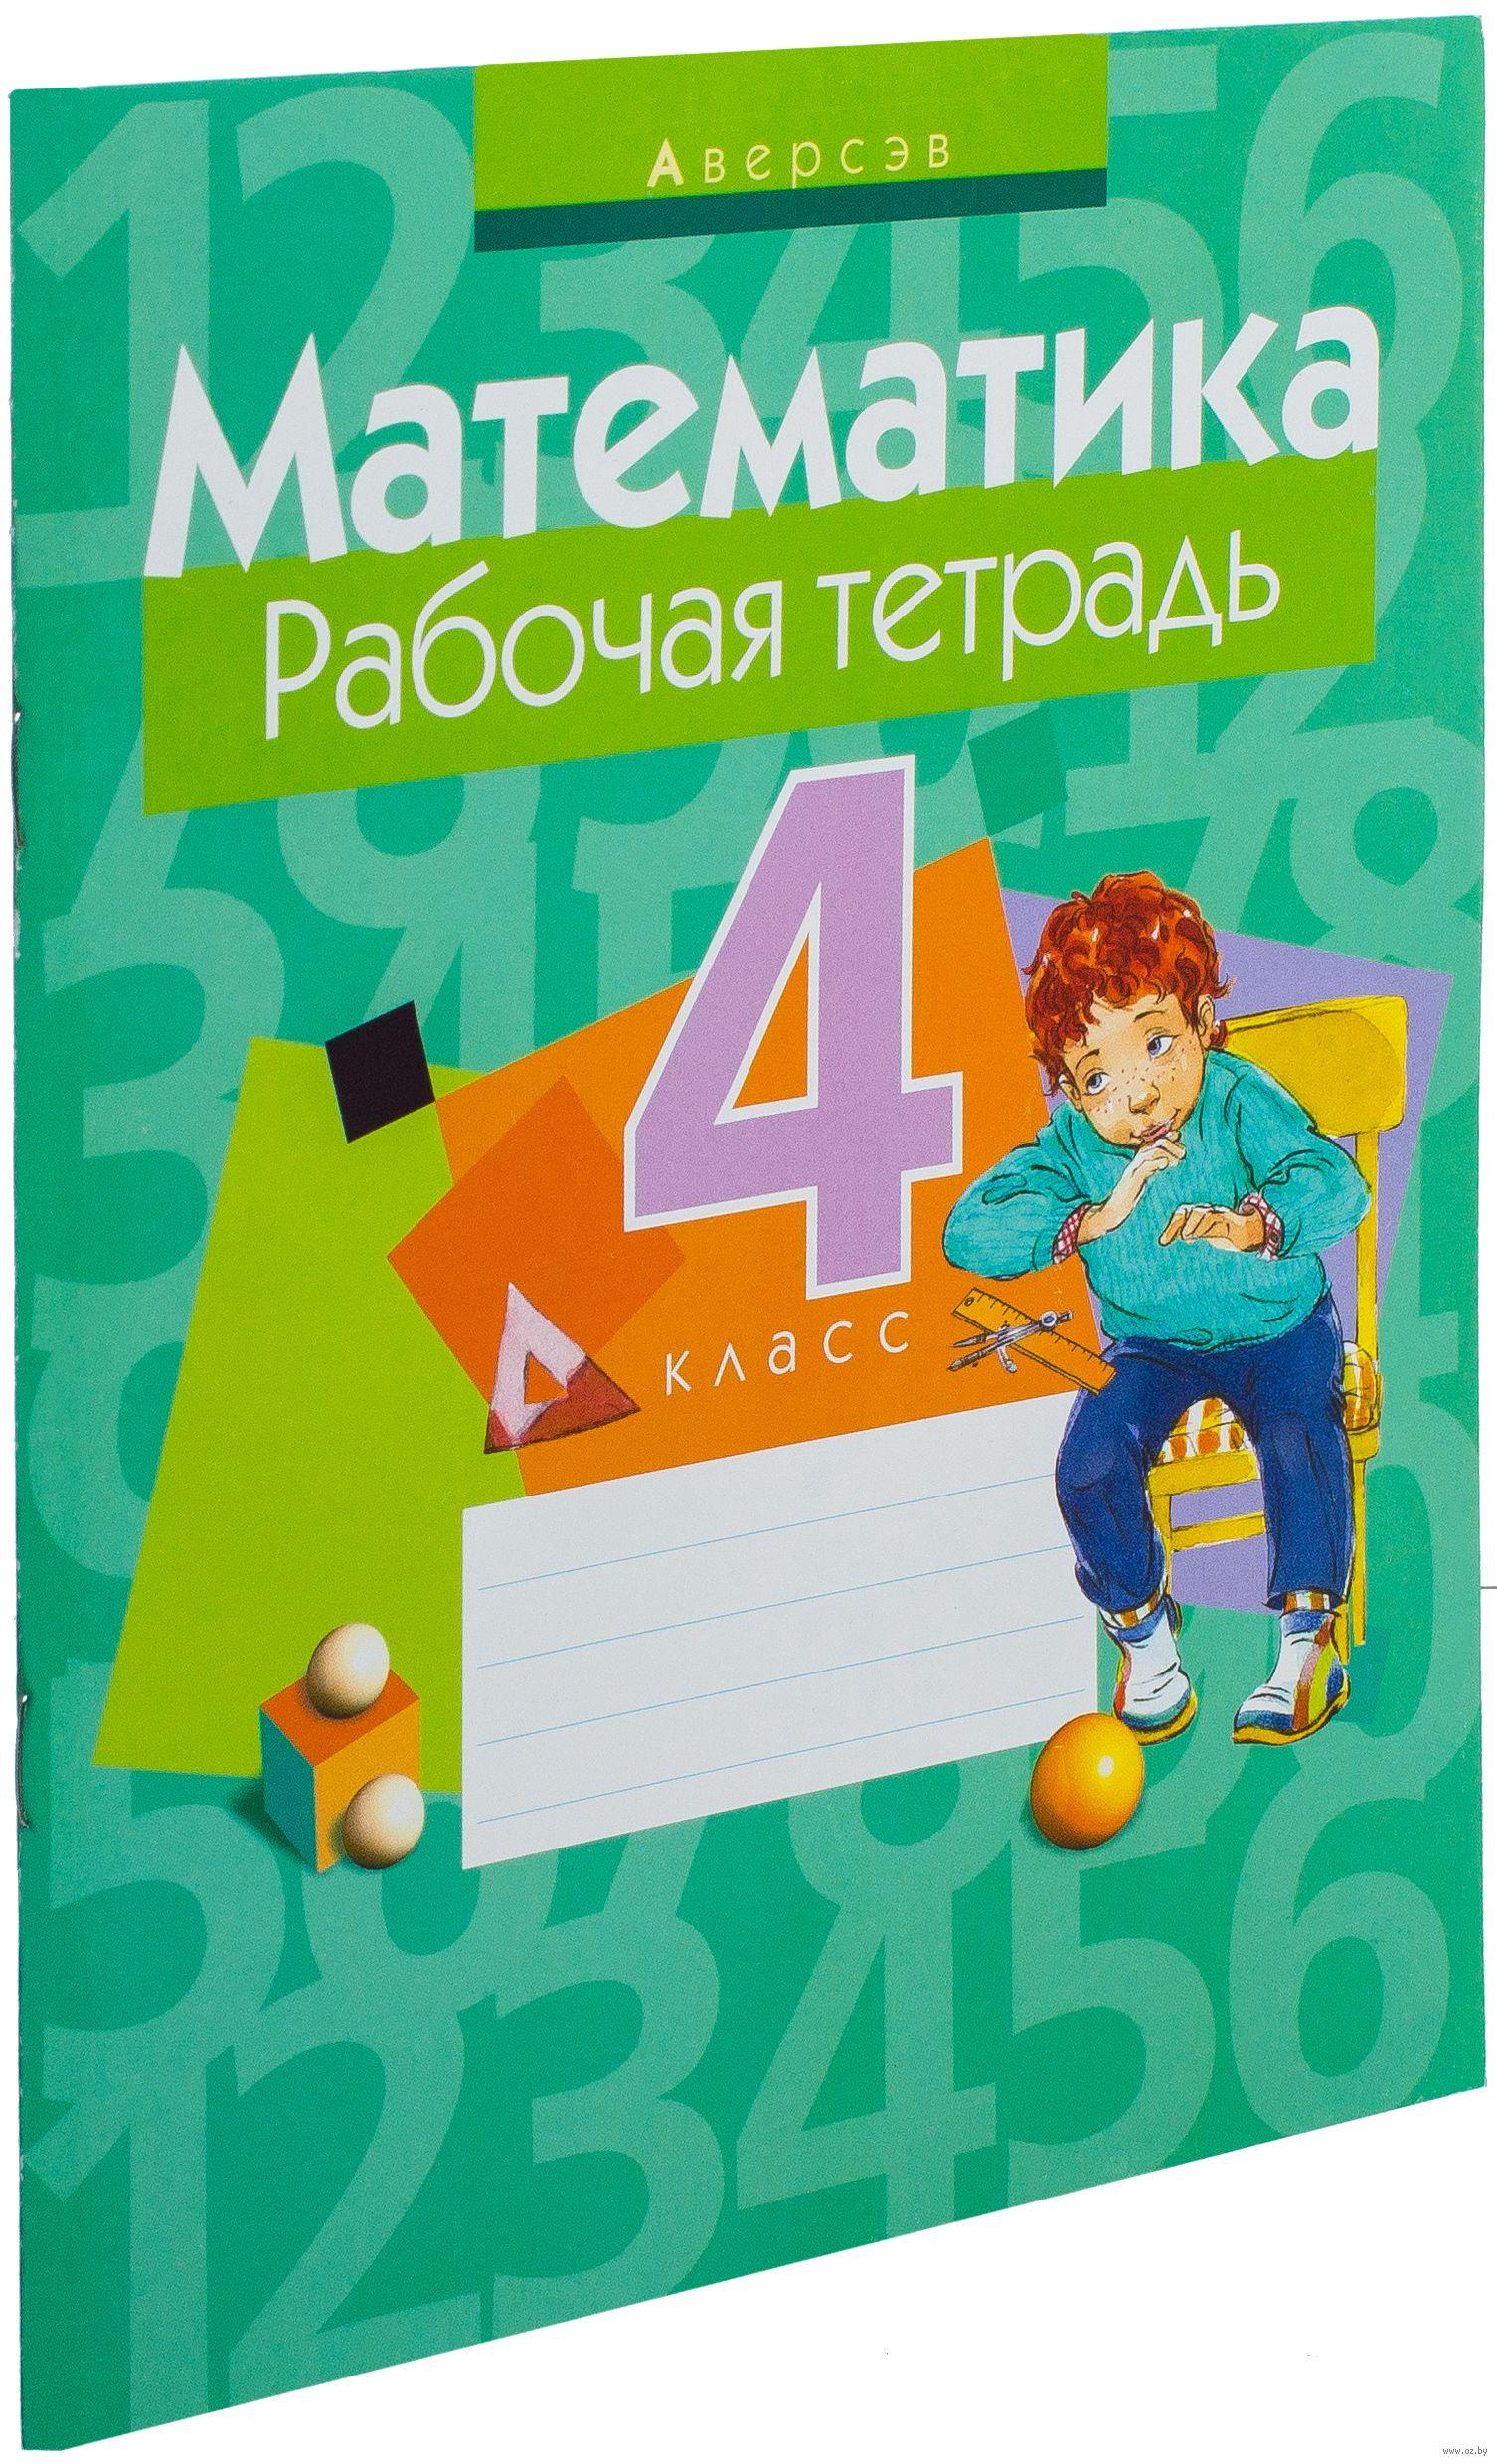 Решебник По Математике 3 Класс 2 Часть Муравьева Урбан Ответы